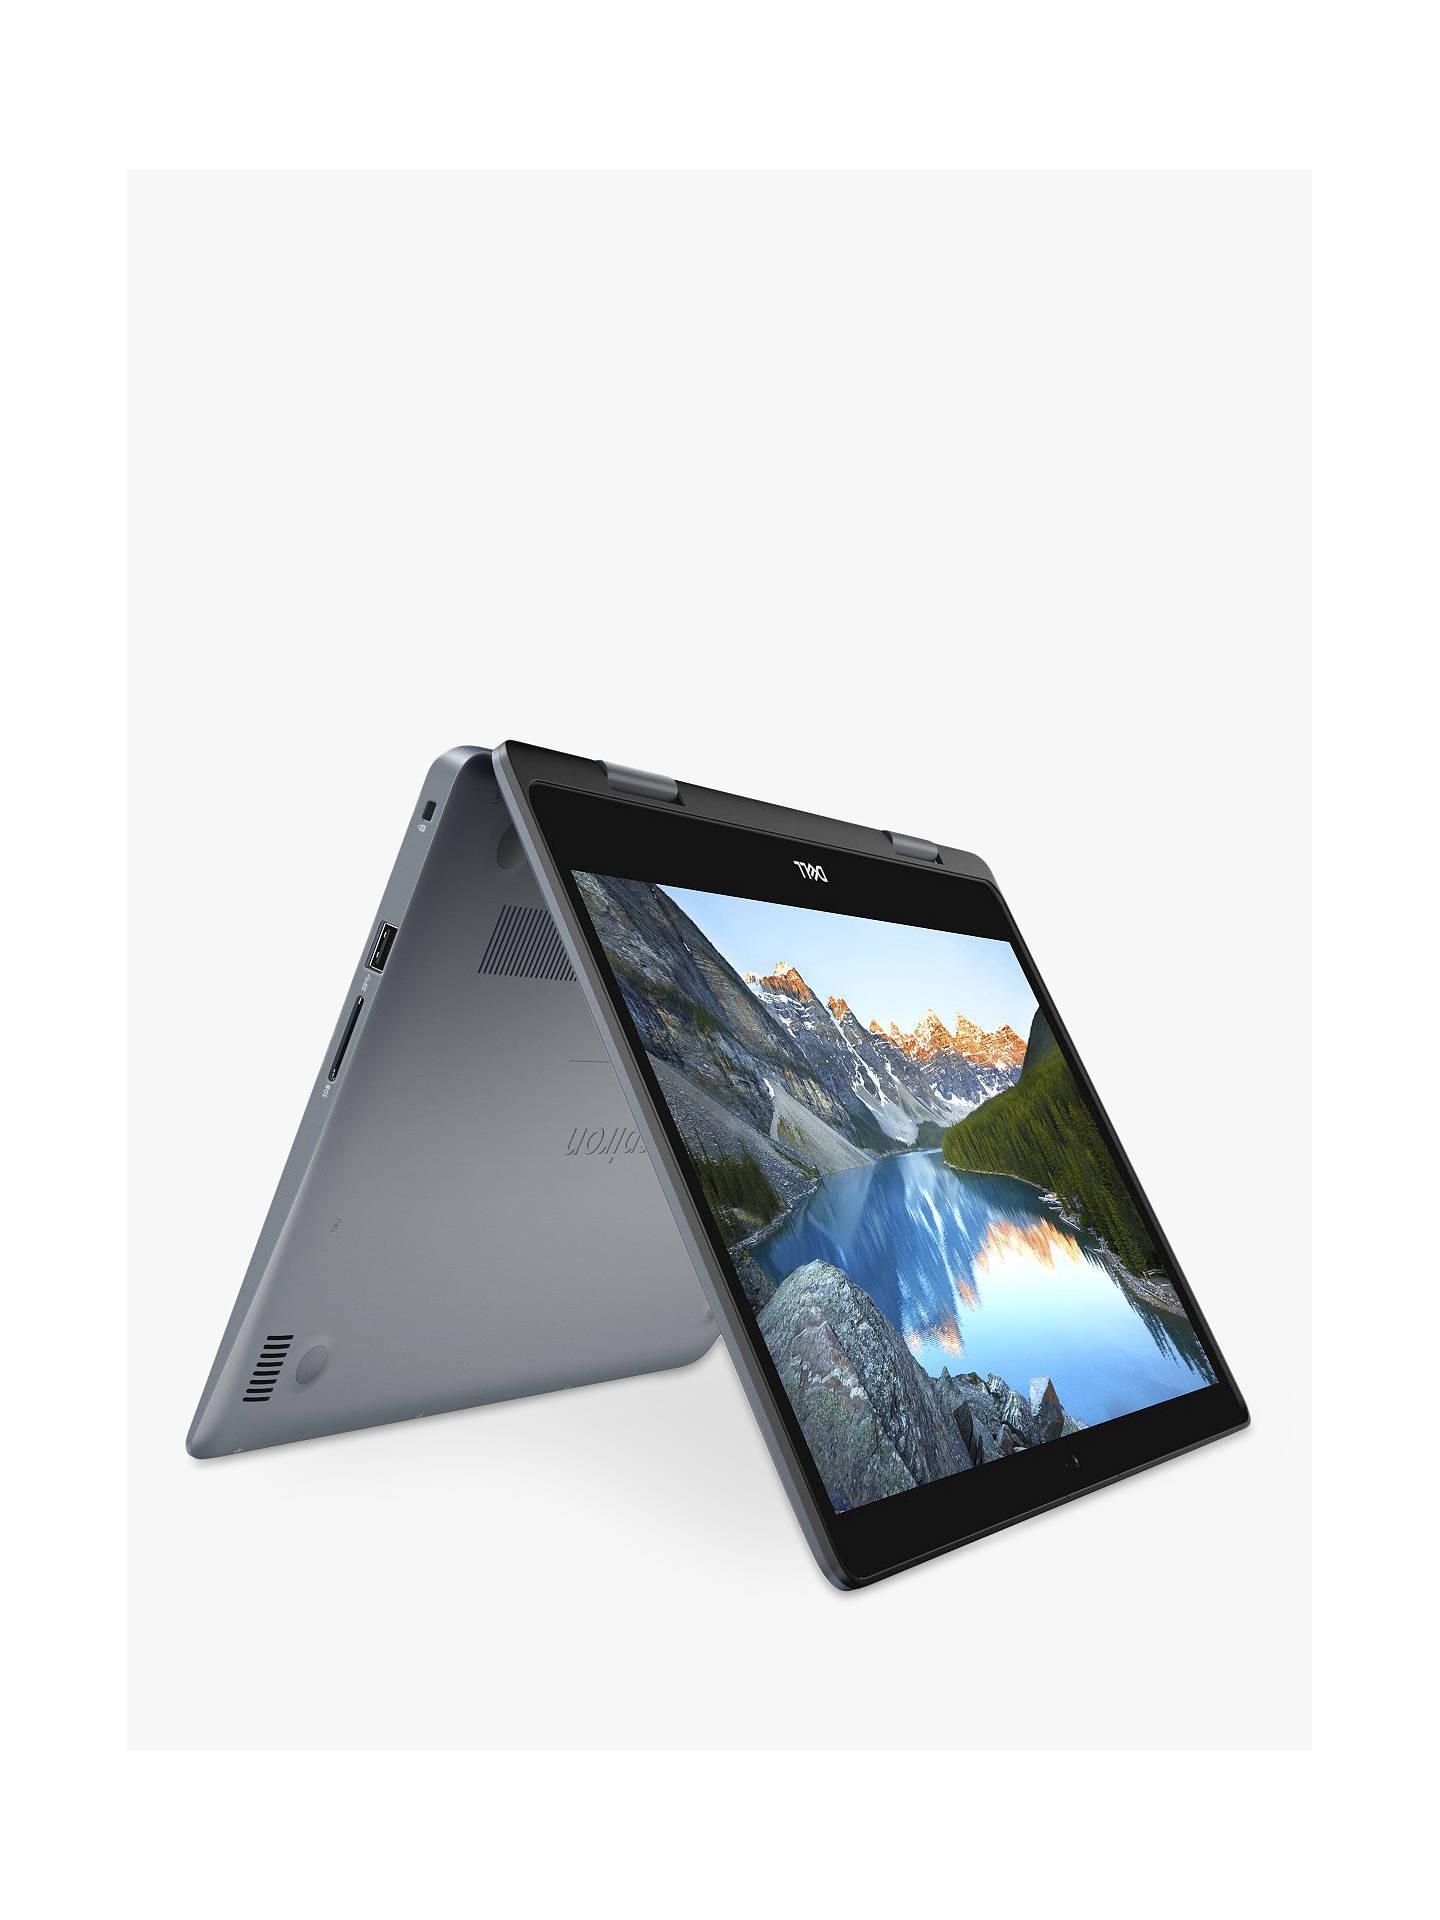 מגניב Dell Inspiron 14 5000 Series Convertible Laptop, Intel Core i5 KO-58